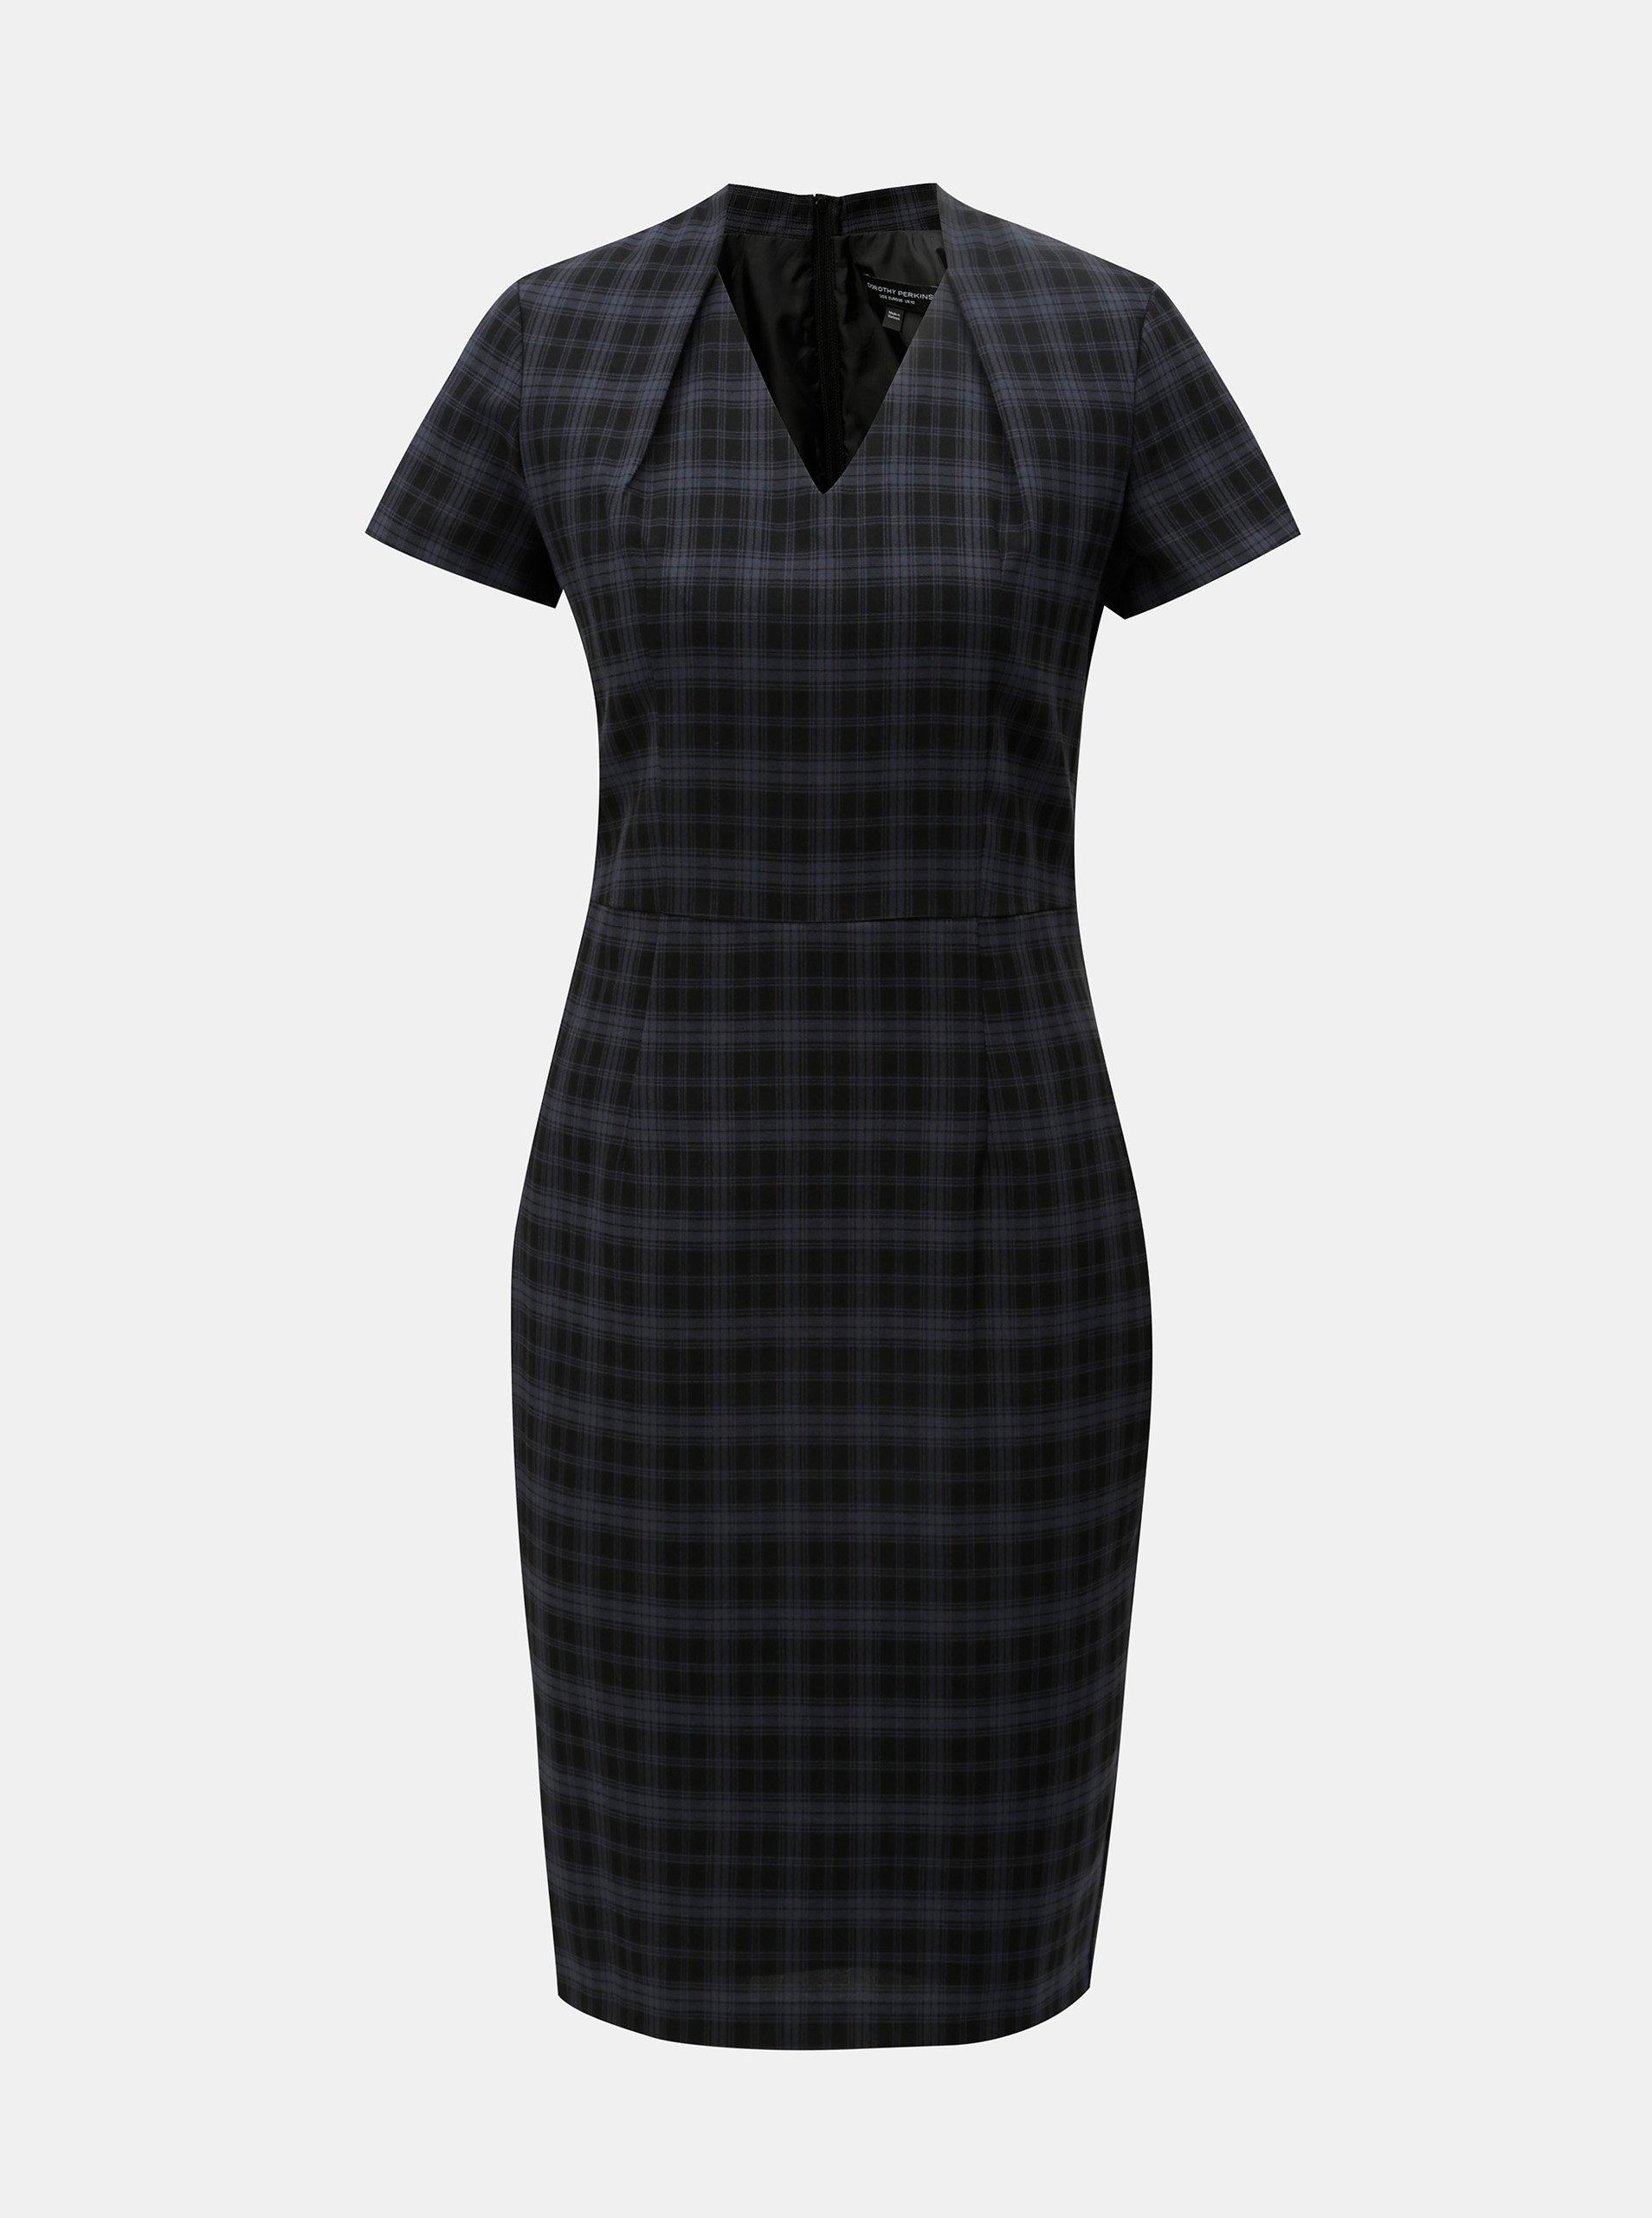 Modro-černé kostkované pouzdrové šaty s krátkým rukávem Dorothy Perkins 3b13602350c